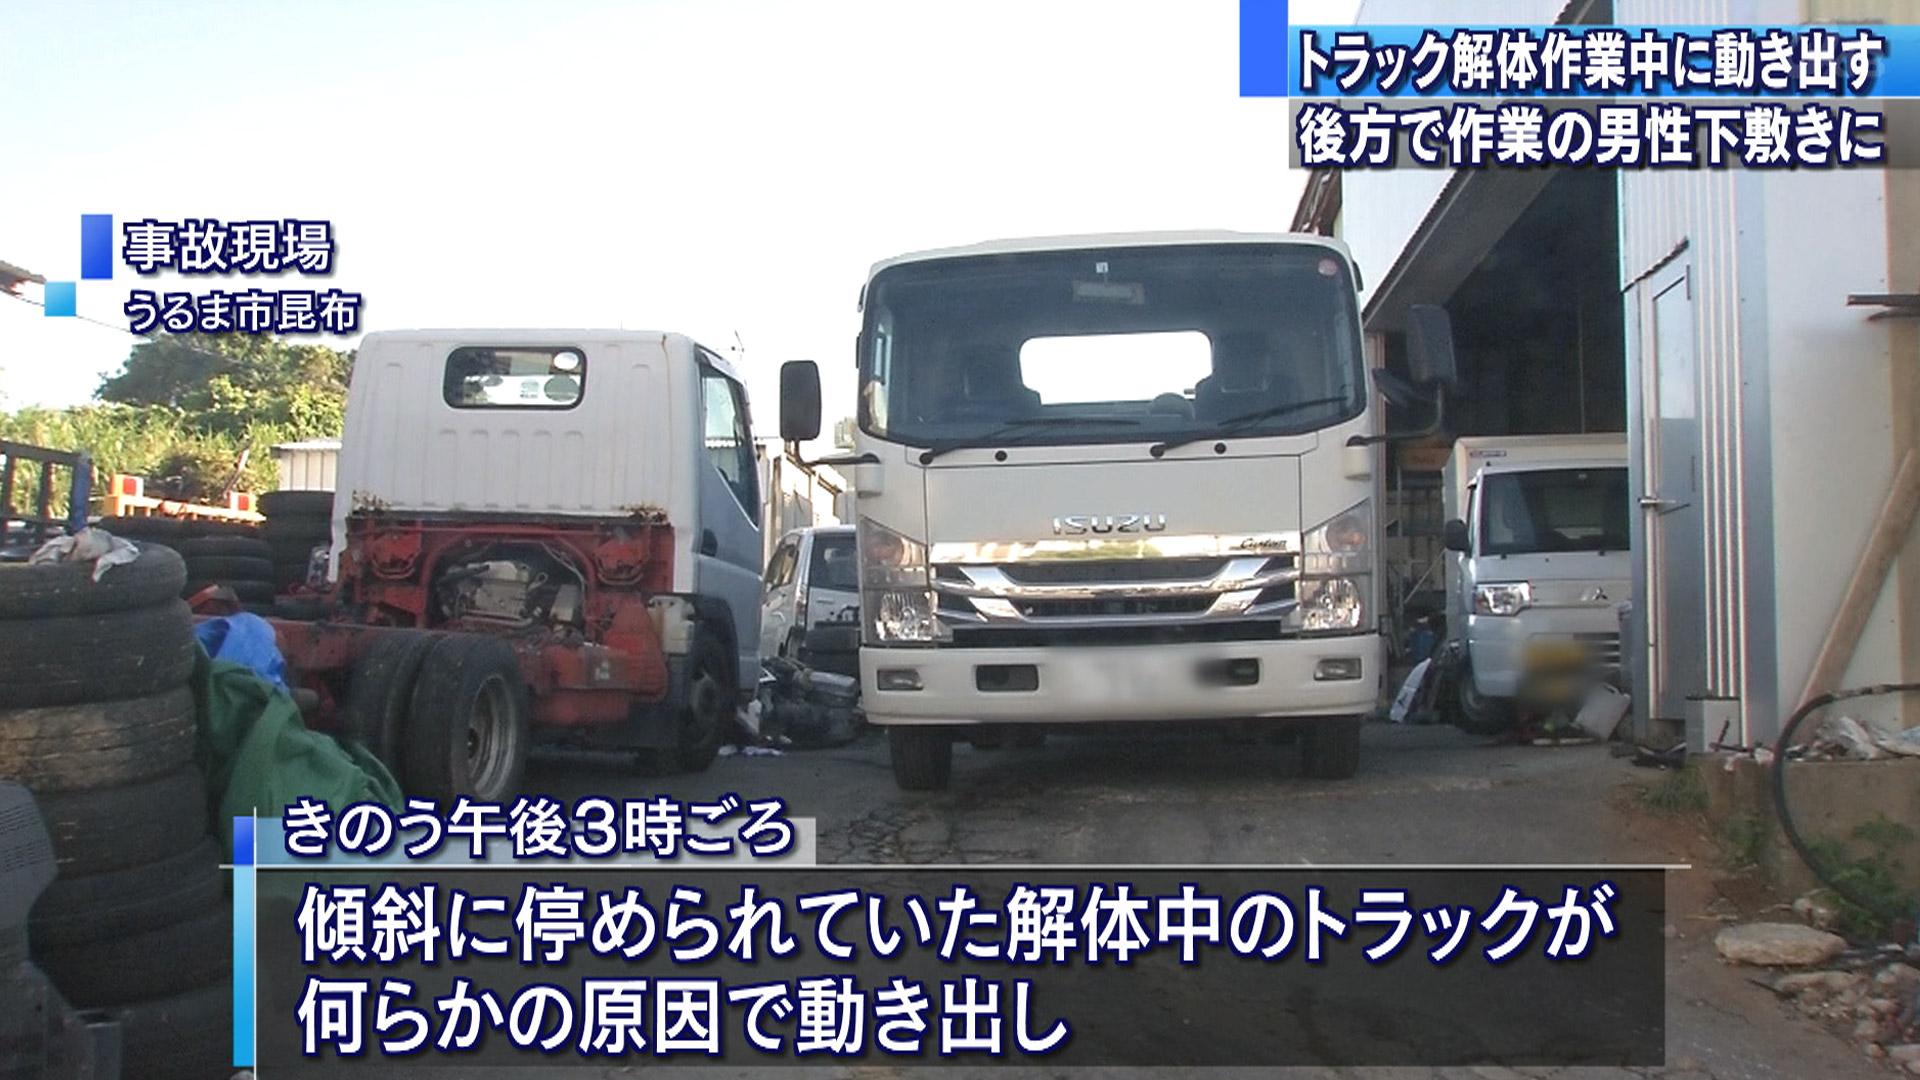 うるま市で解体作業中のトラックに挟まれ男性死亡